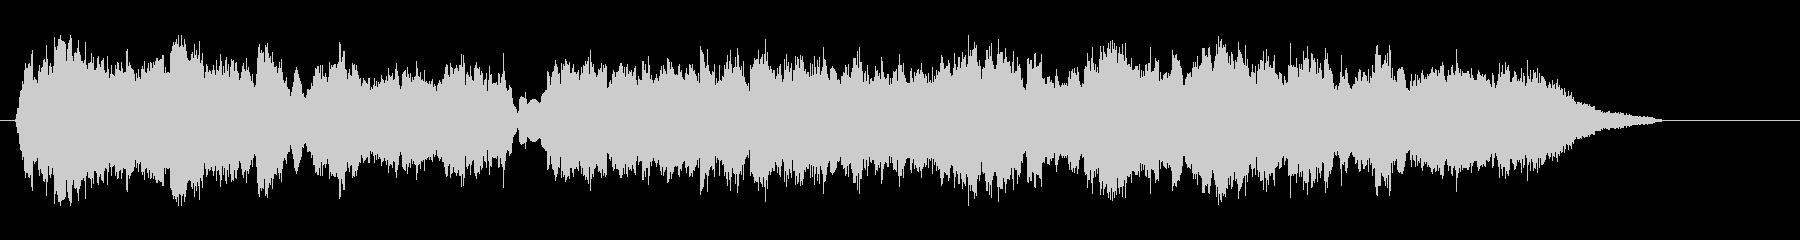 ハートフルで切ないベルベット・ポップスの未再生の波形